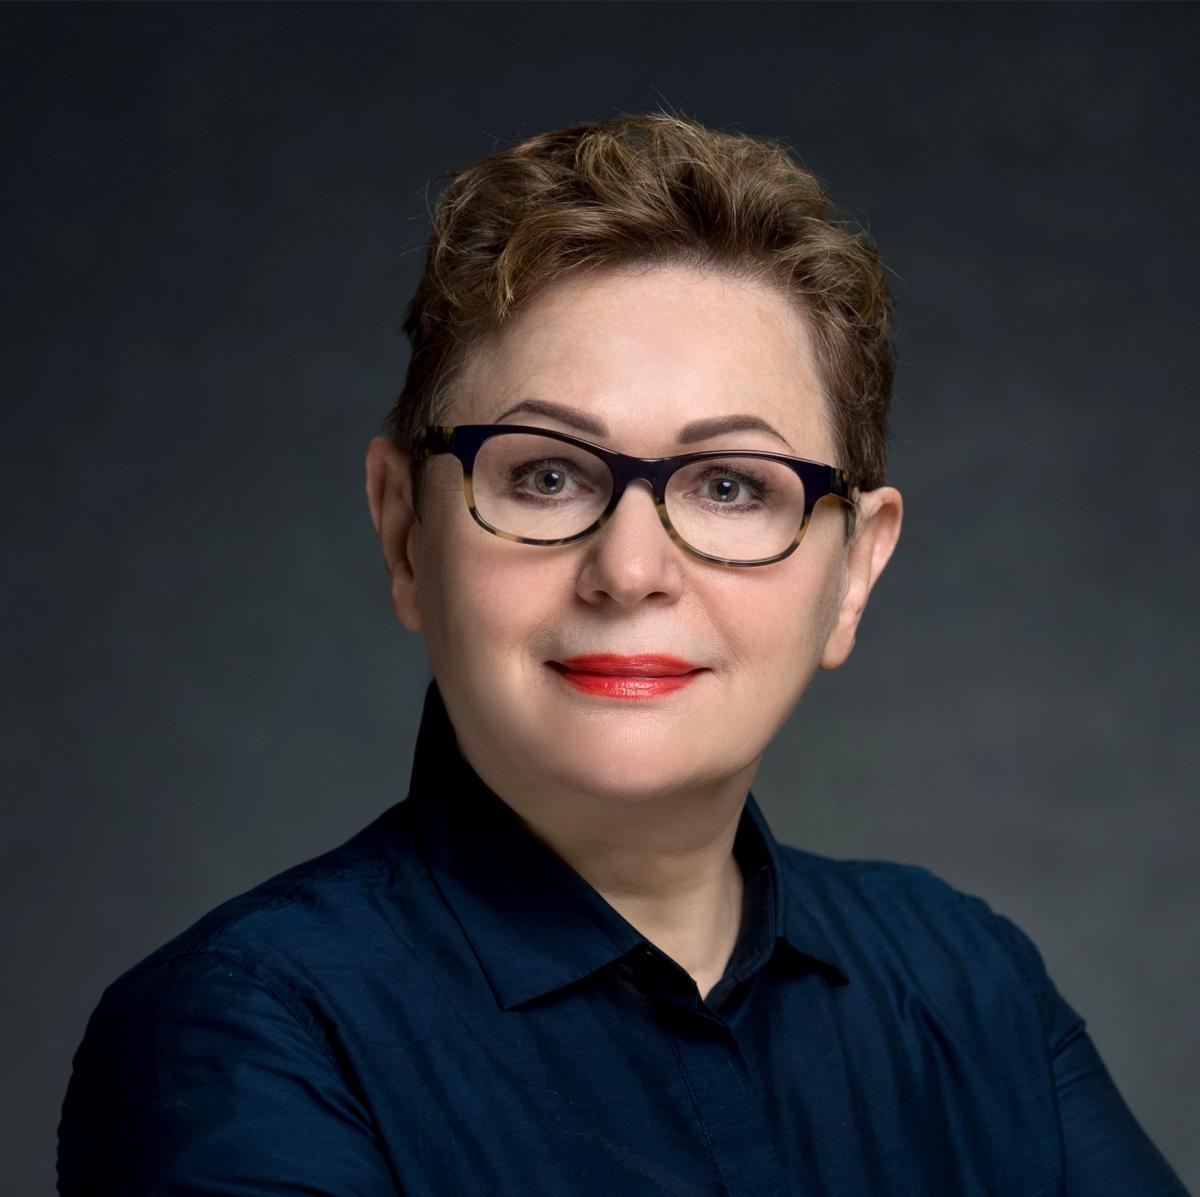 Bozena Shallcross